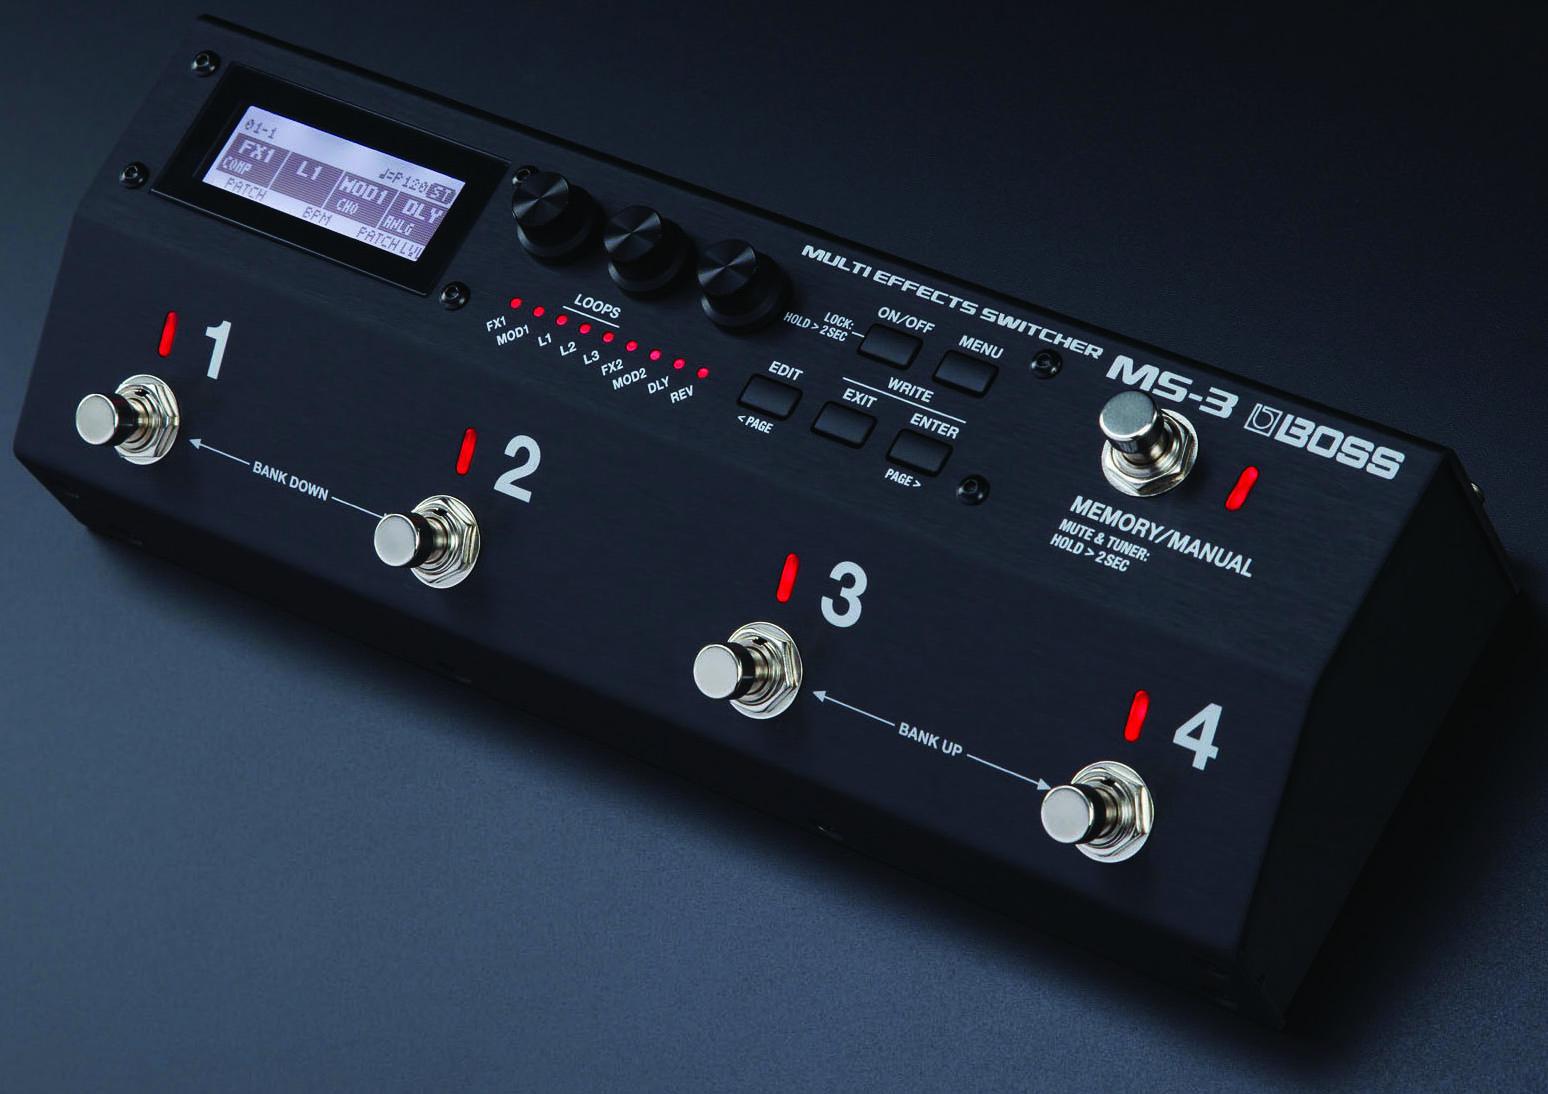 Review: Boss MS-3 Multieffects Switcher | Guitarworld